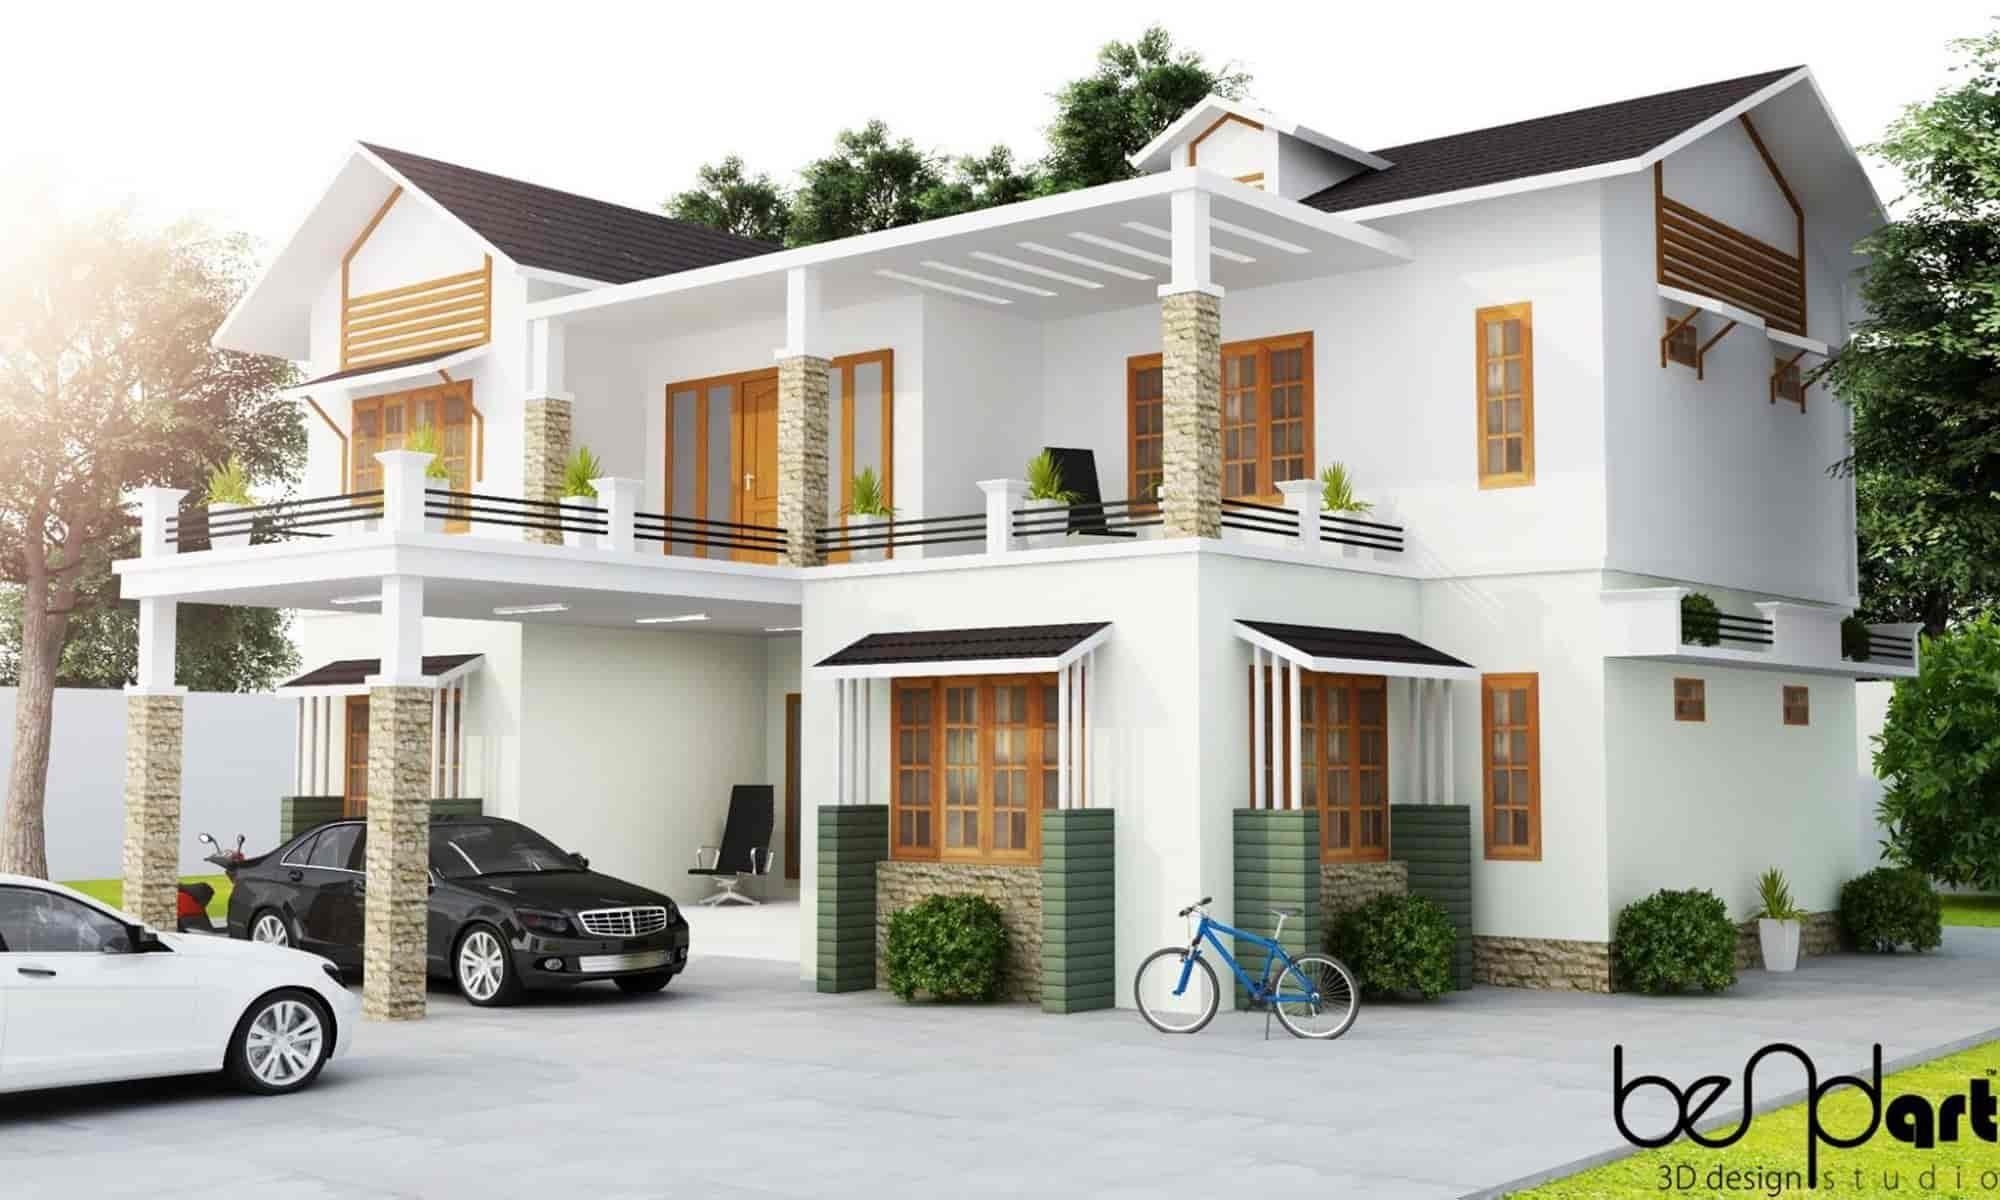 Bendart 3d Design Studio Photos, South Bazar Road, Kannur- Pictures ...